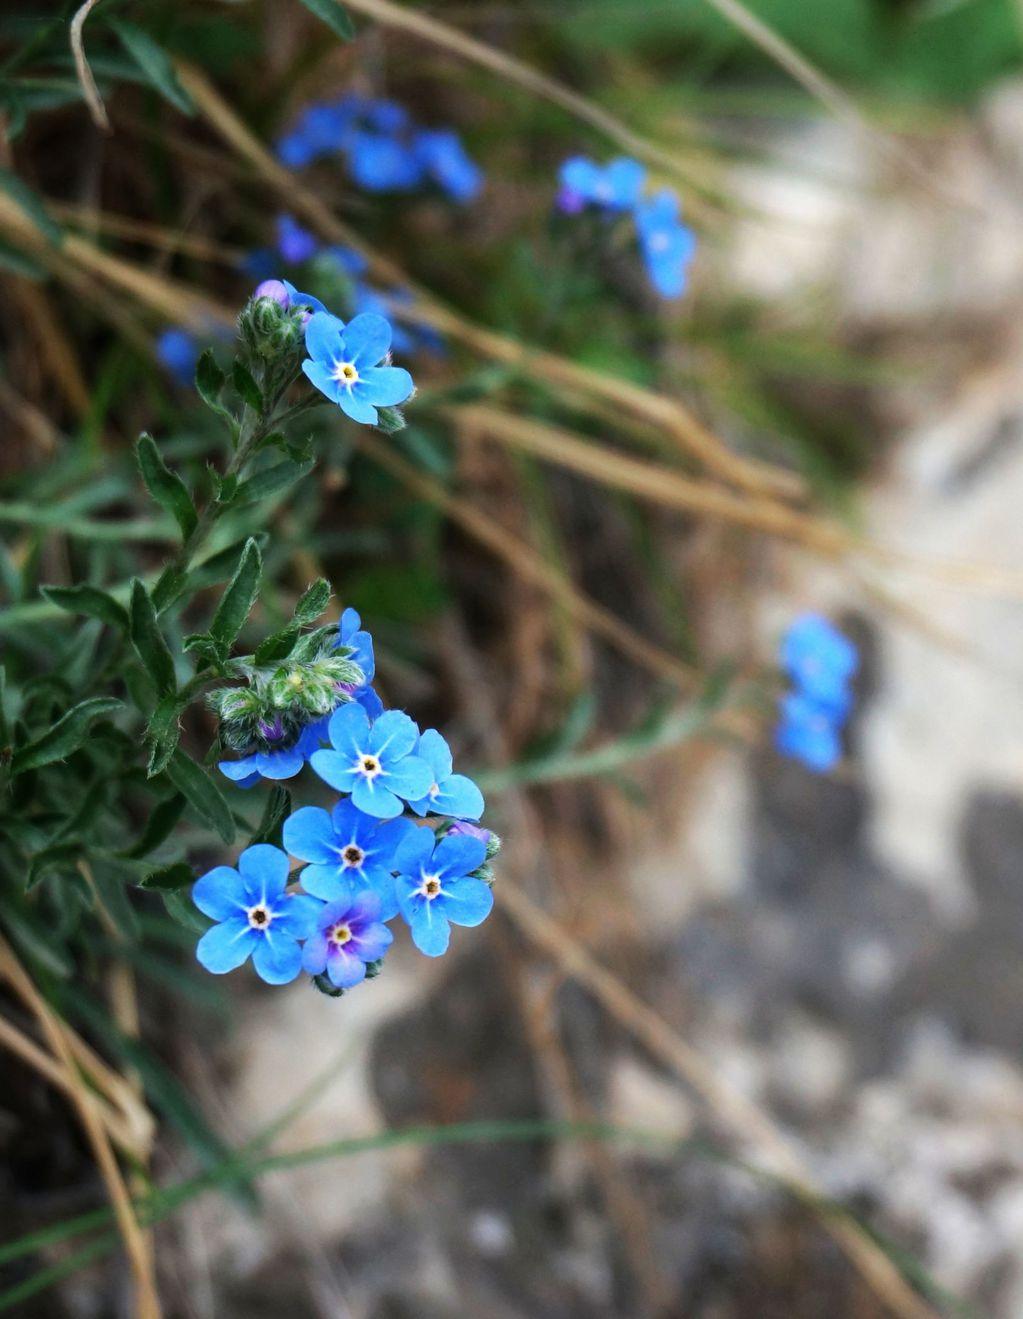 好可爱的小兰花,很少见到,这是爬上峭壁拍的.